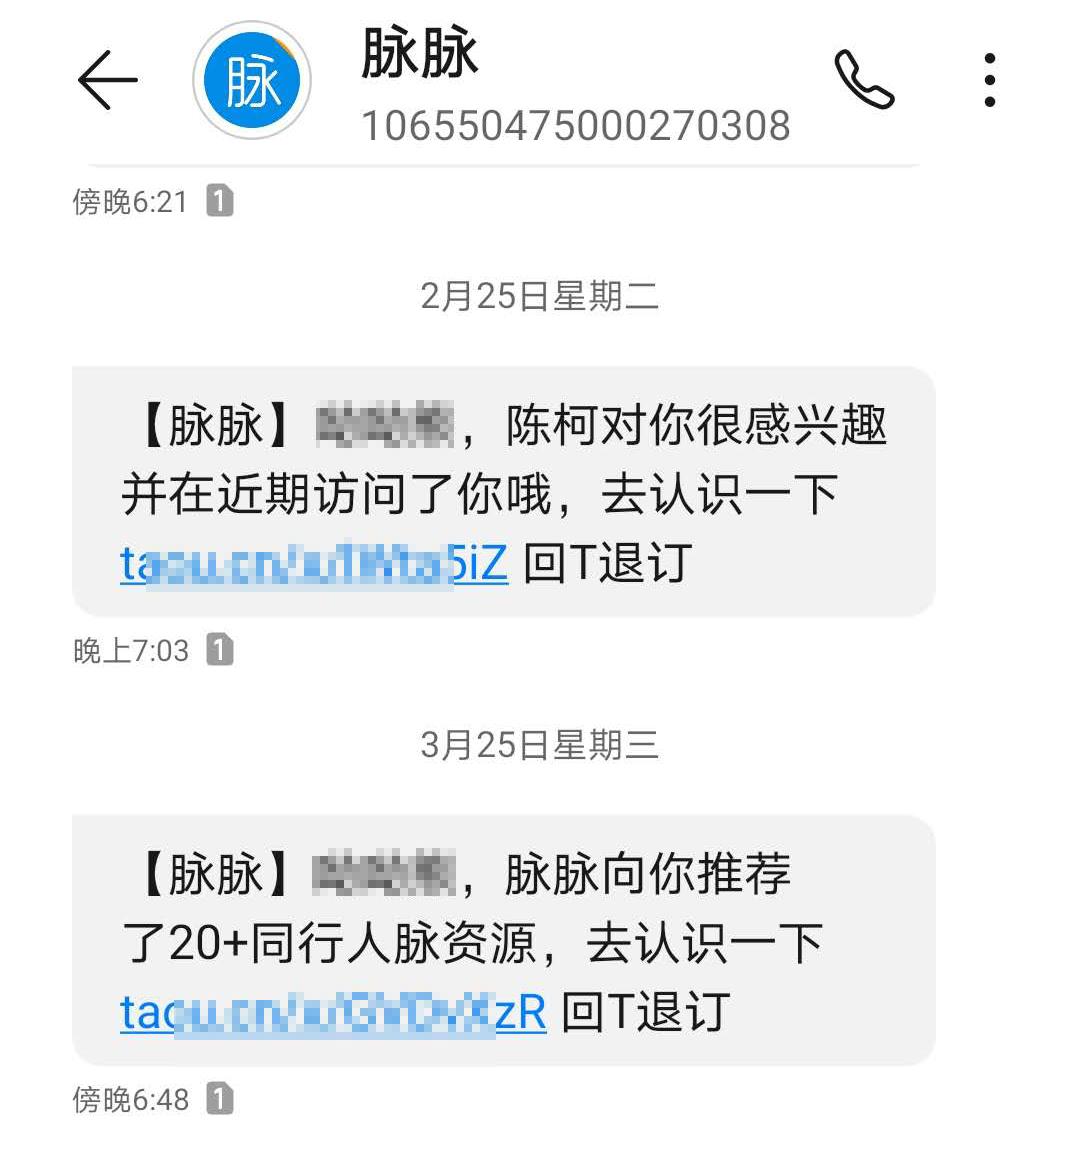 群发用户召回短信